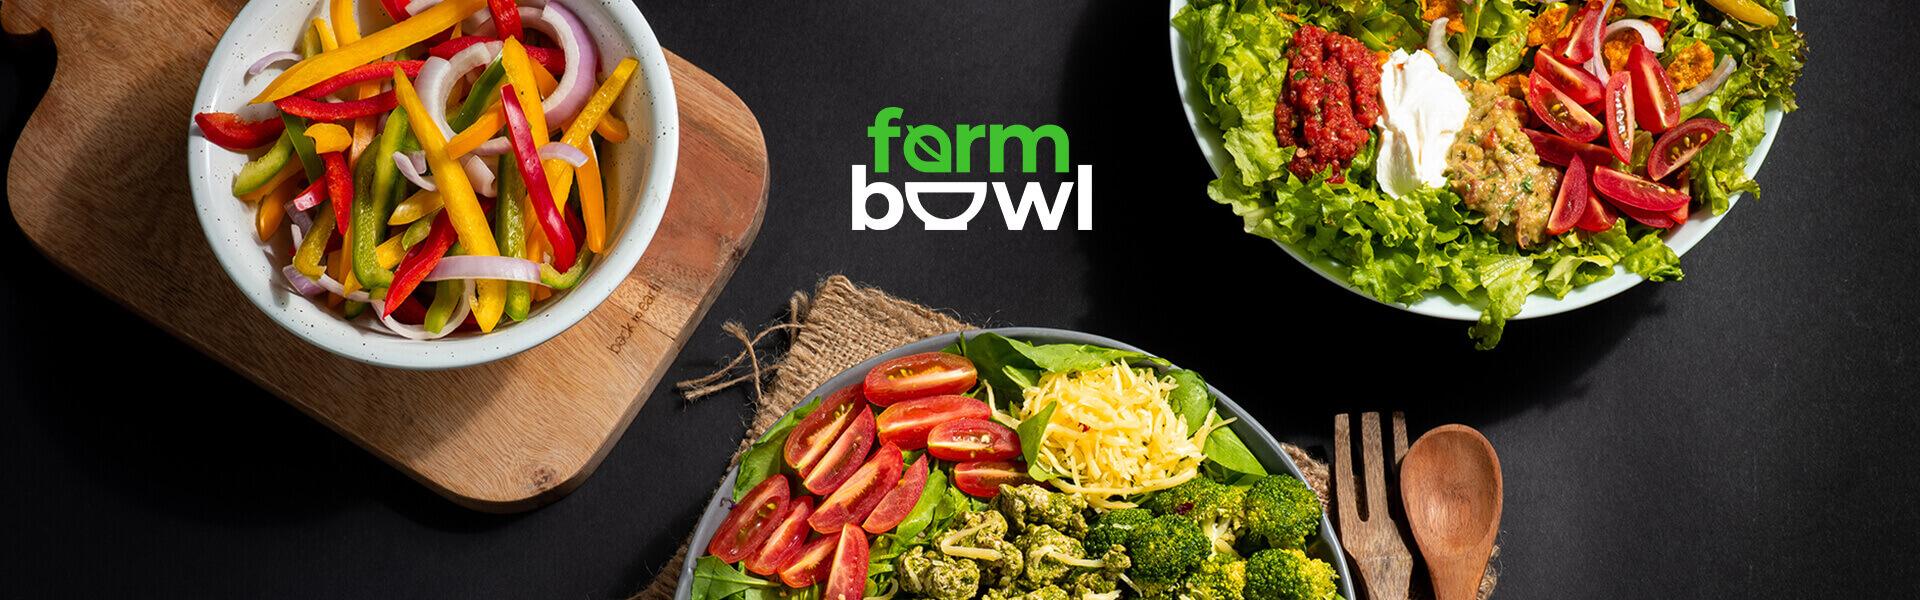 FARM BOWL